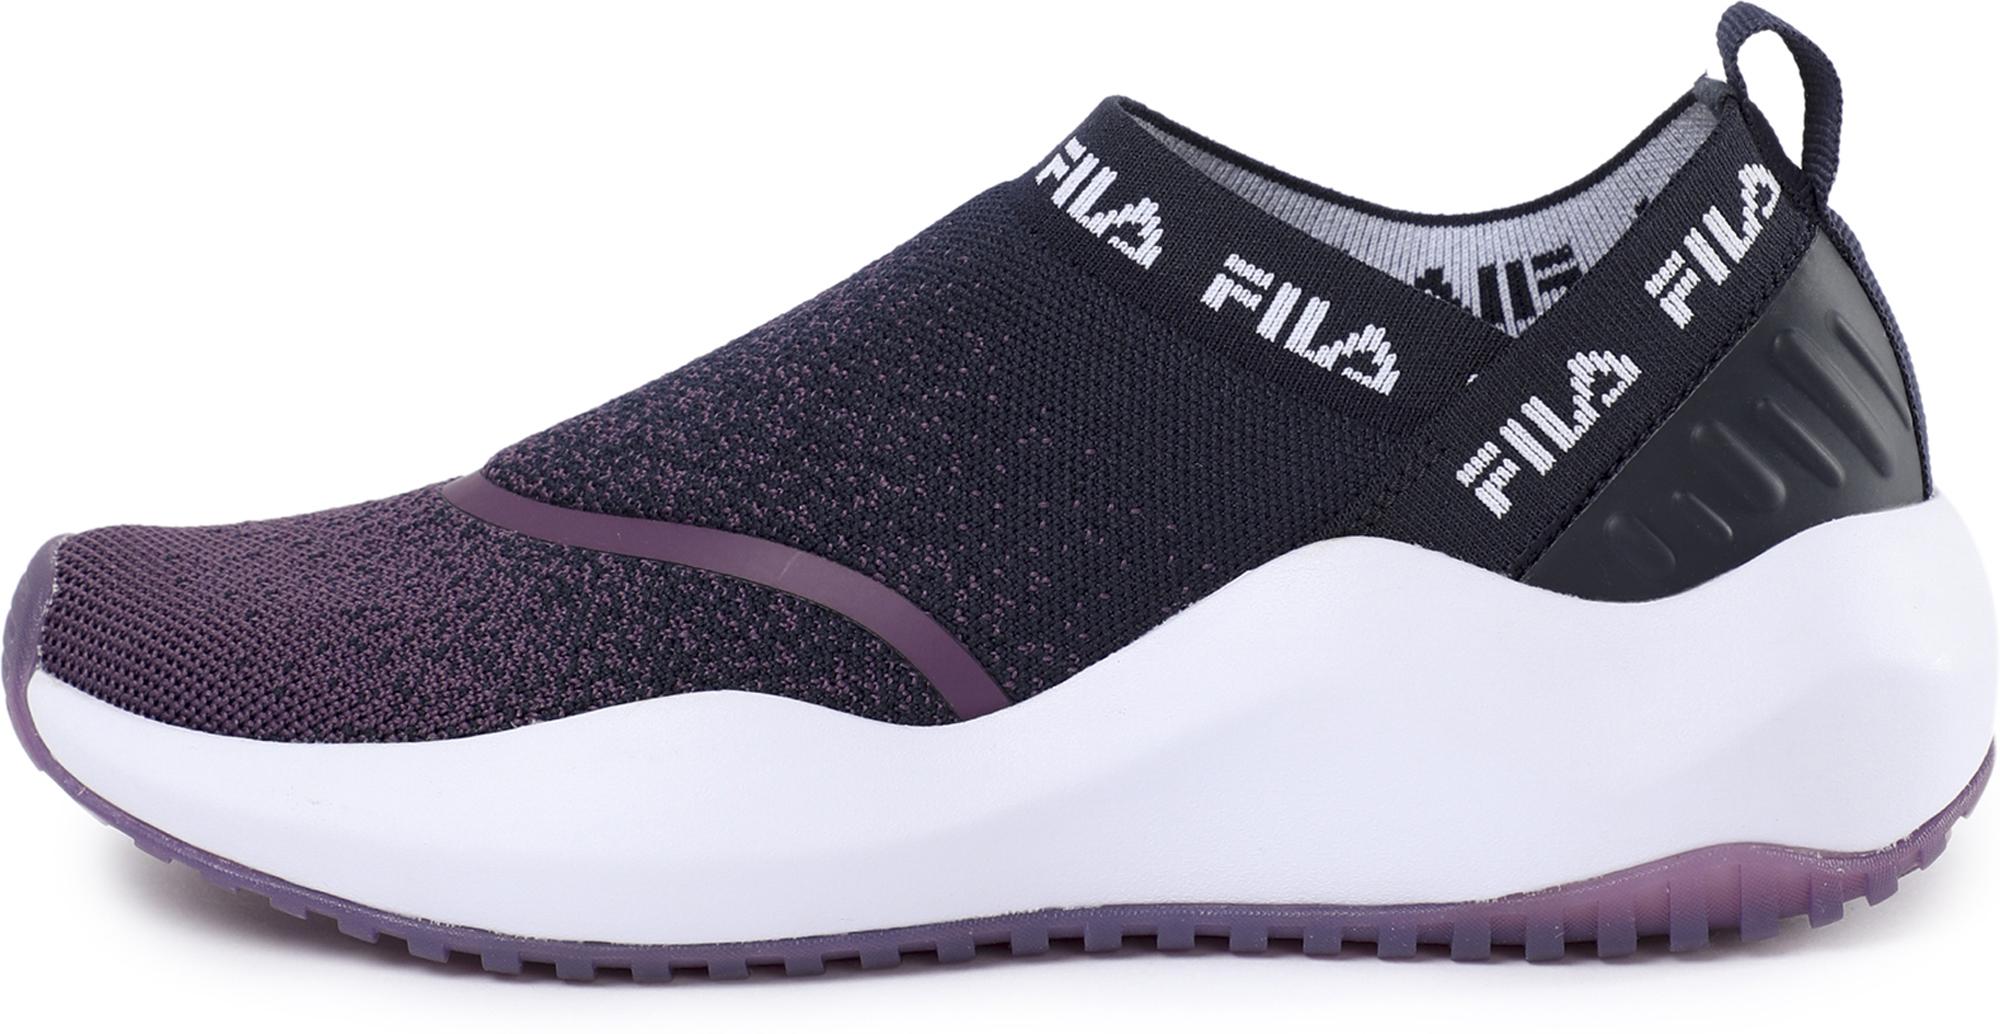 Фото - Fila Кроссовки женские Fila Versus Knit 2.0, размер 35 слипоны женские spur цвет белый sz034 02 06 tt размер 36